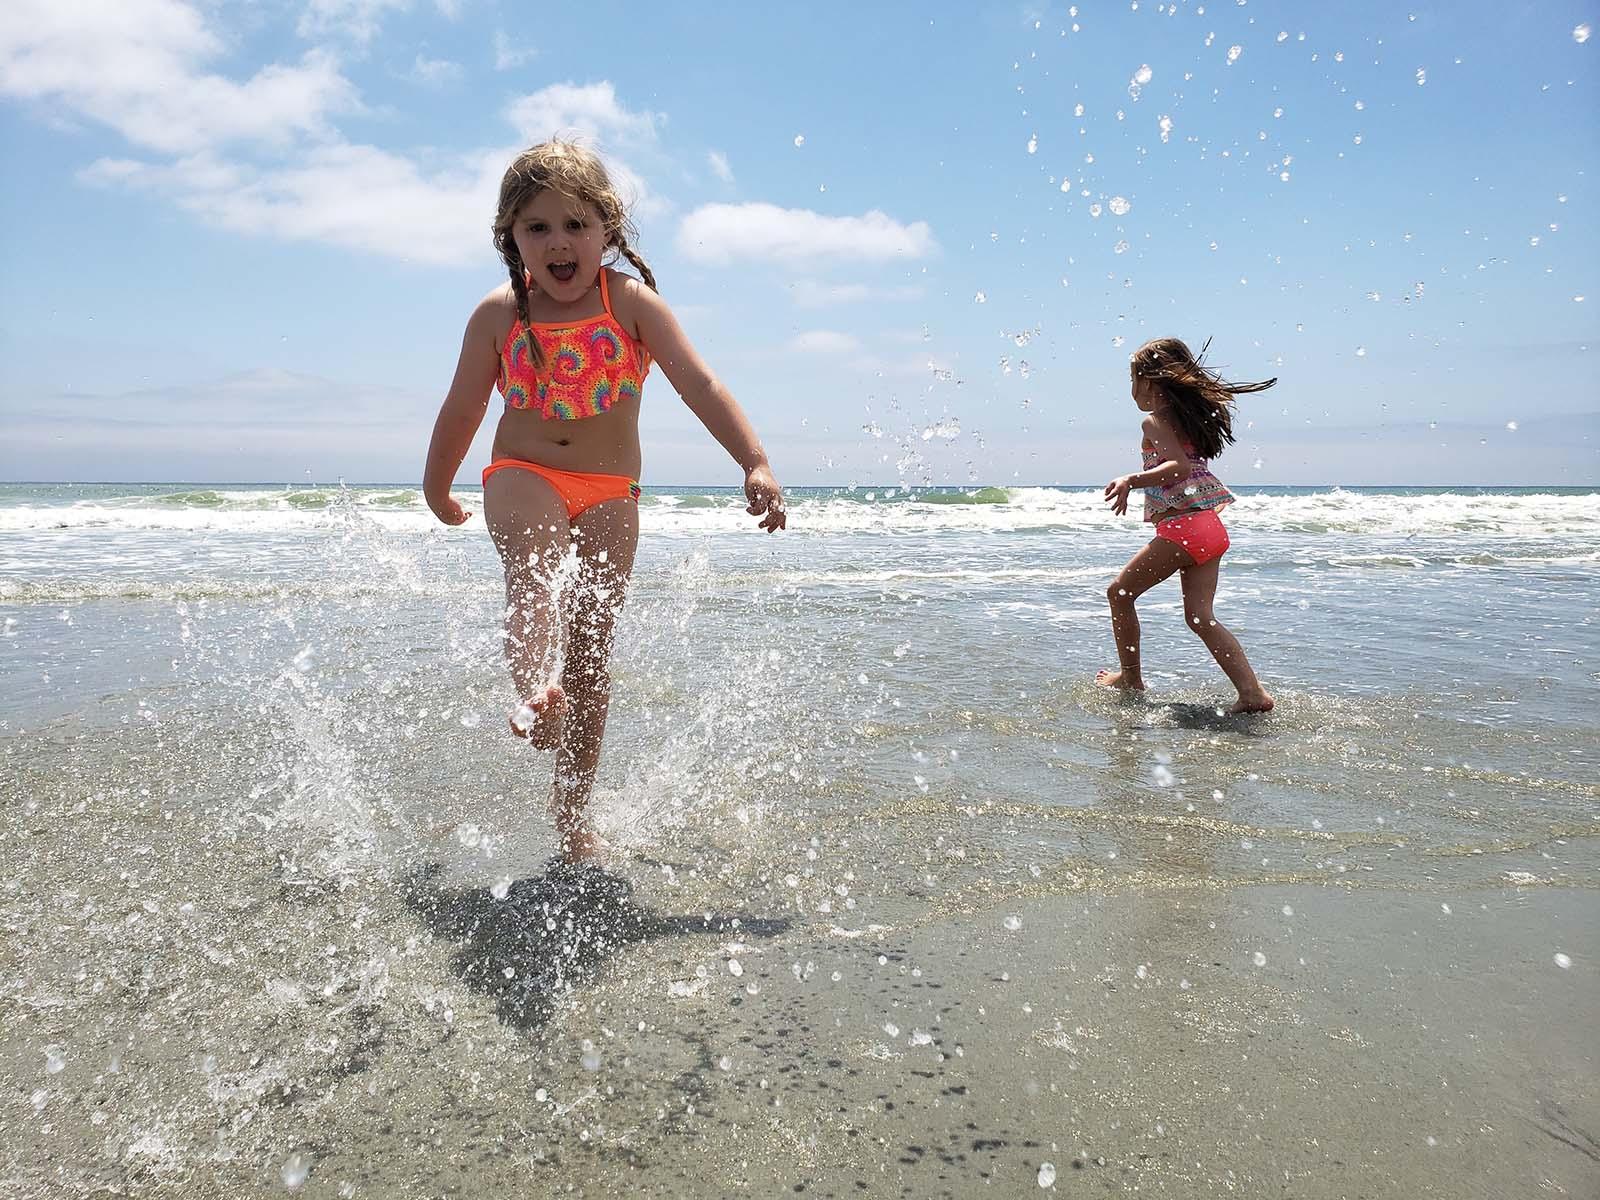 Two girls splashin around in the ocean